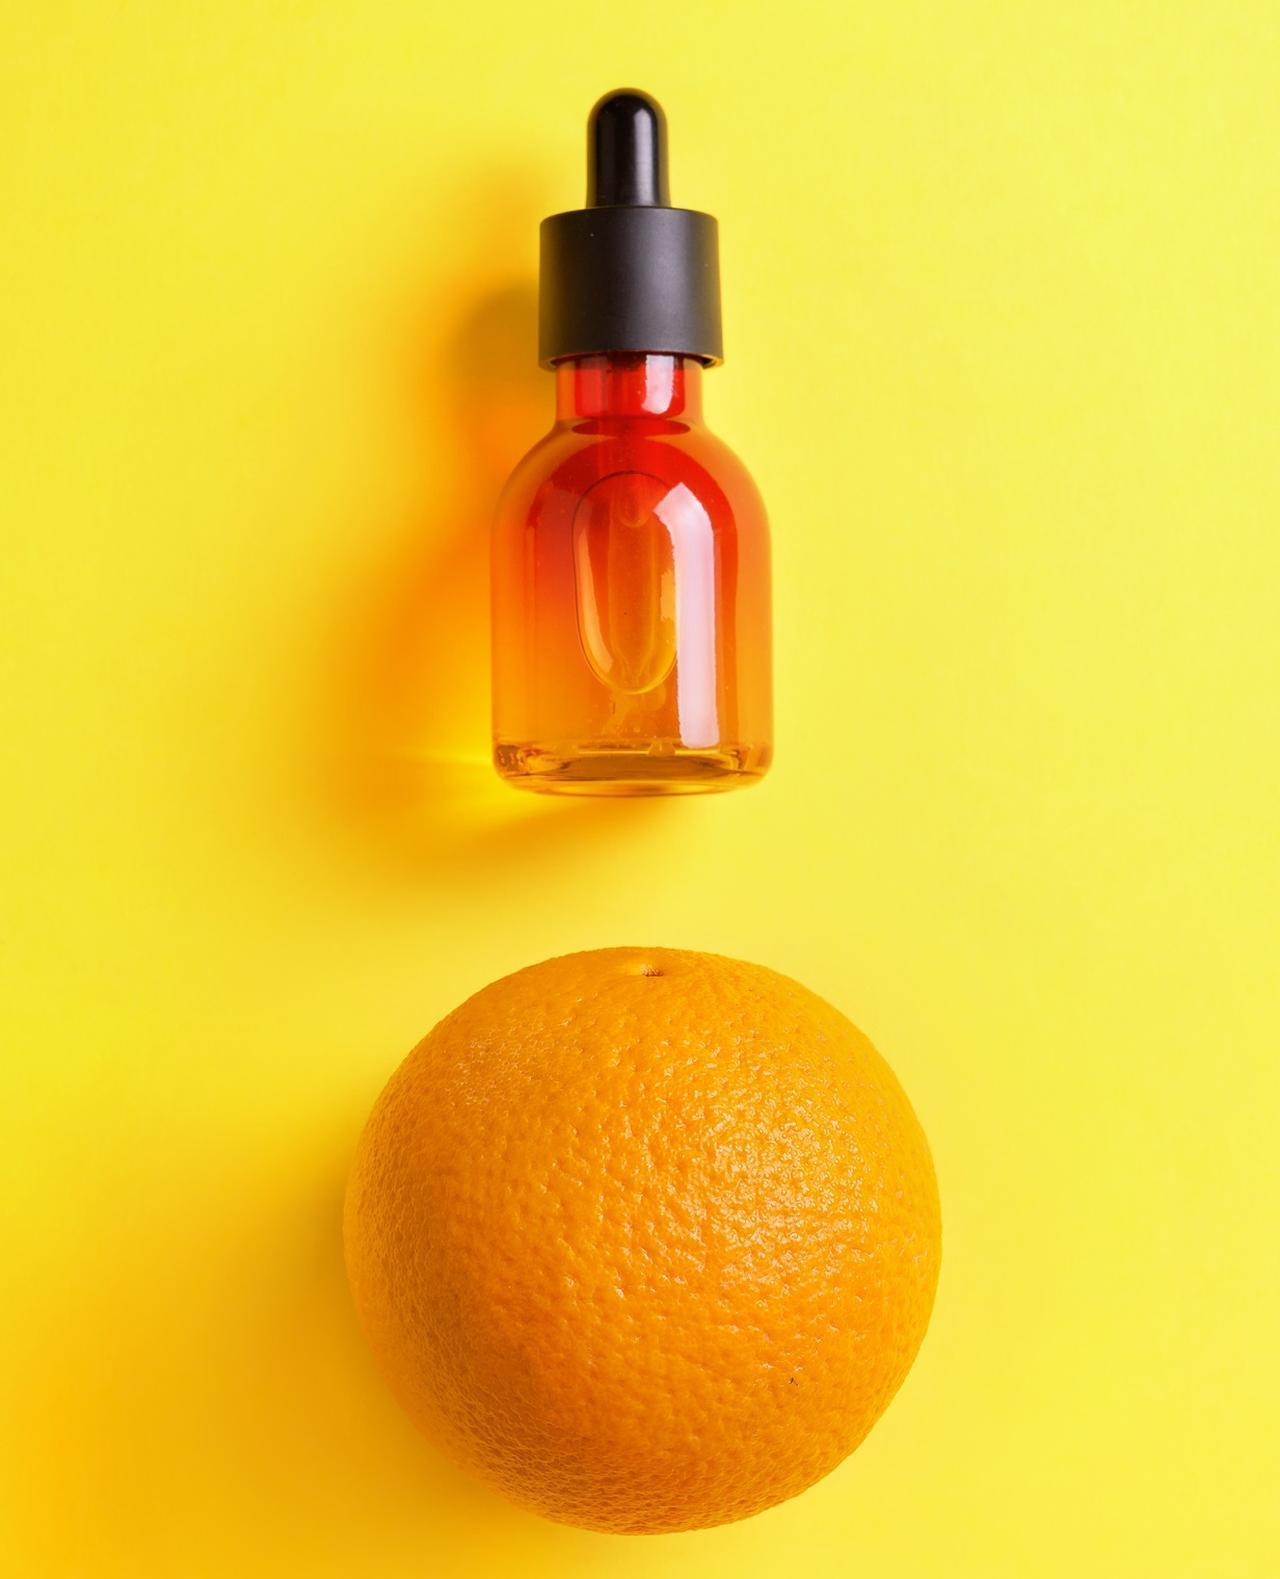 画像: STEP3 ビタミンC入りの美容液を取り入れる